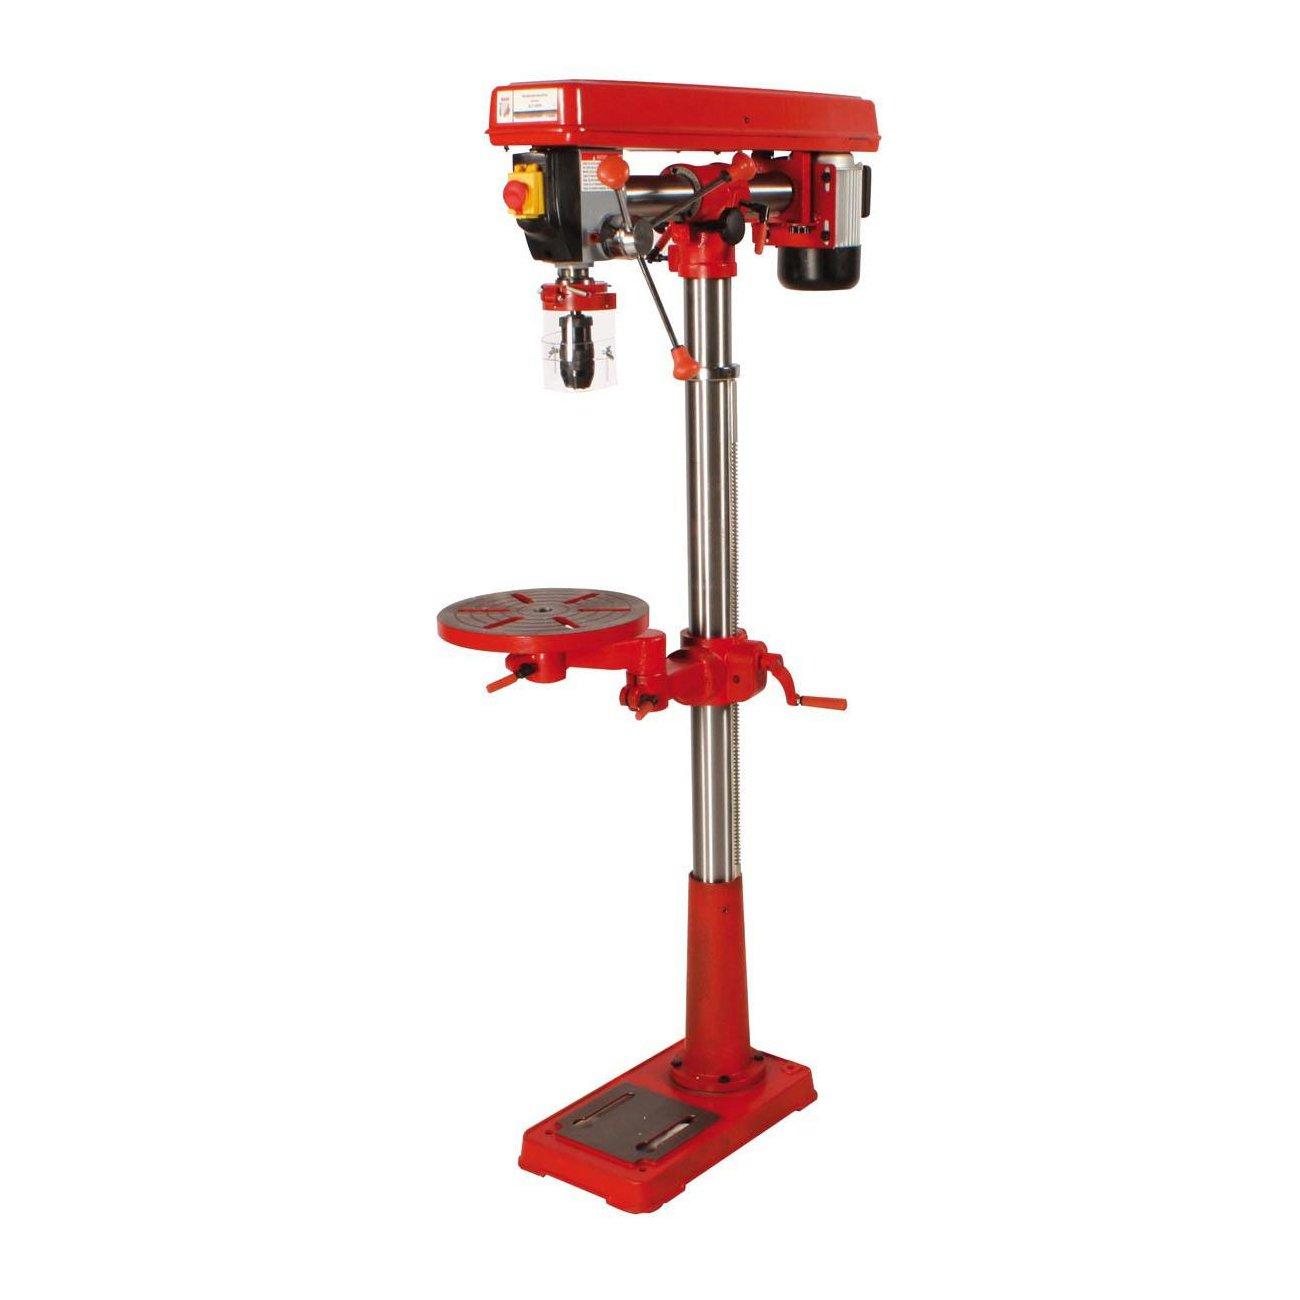 Holzmann-SB3116RHN-Stnderbohrmaschine-m-Radialverstellung-Holzmann-SB3116RHN-Stnderbohrmaschine-m-Radialverstellung-230V